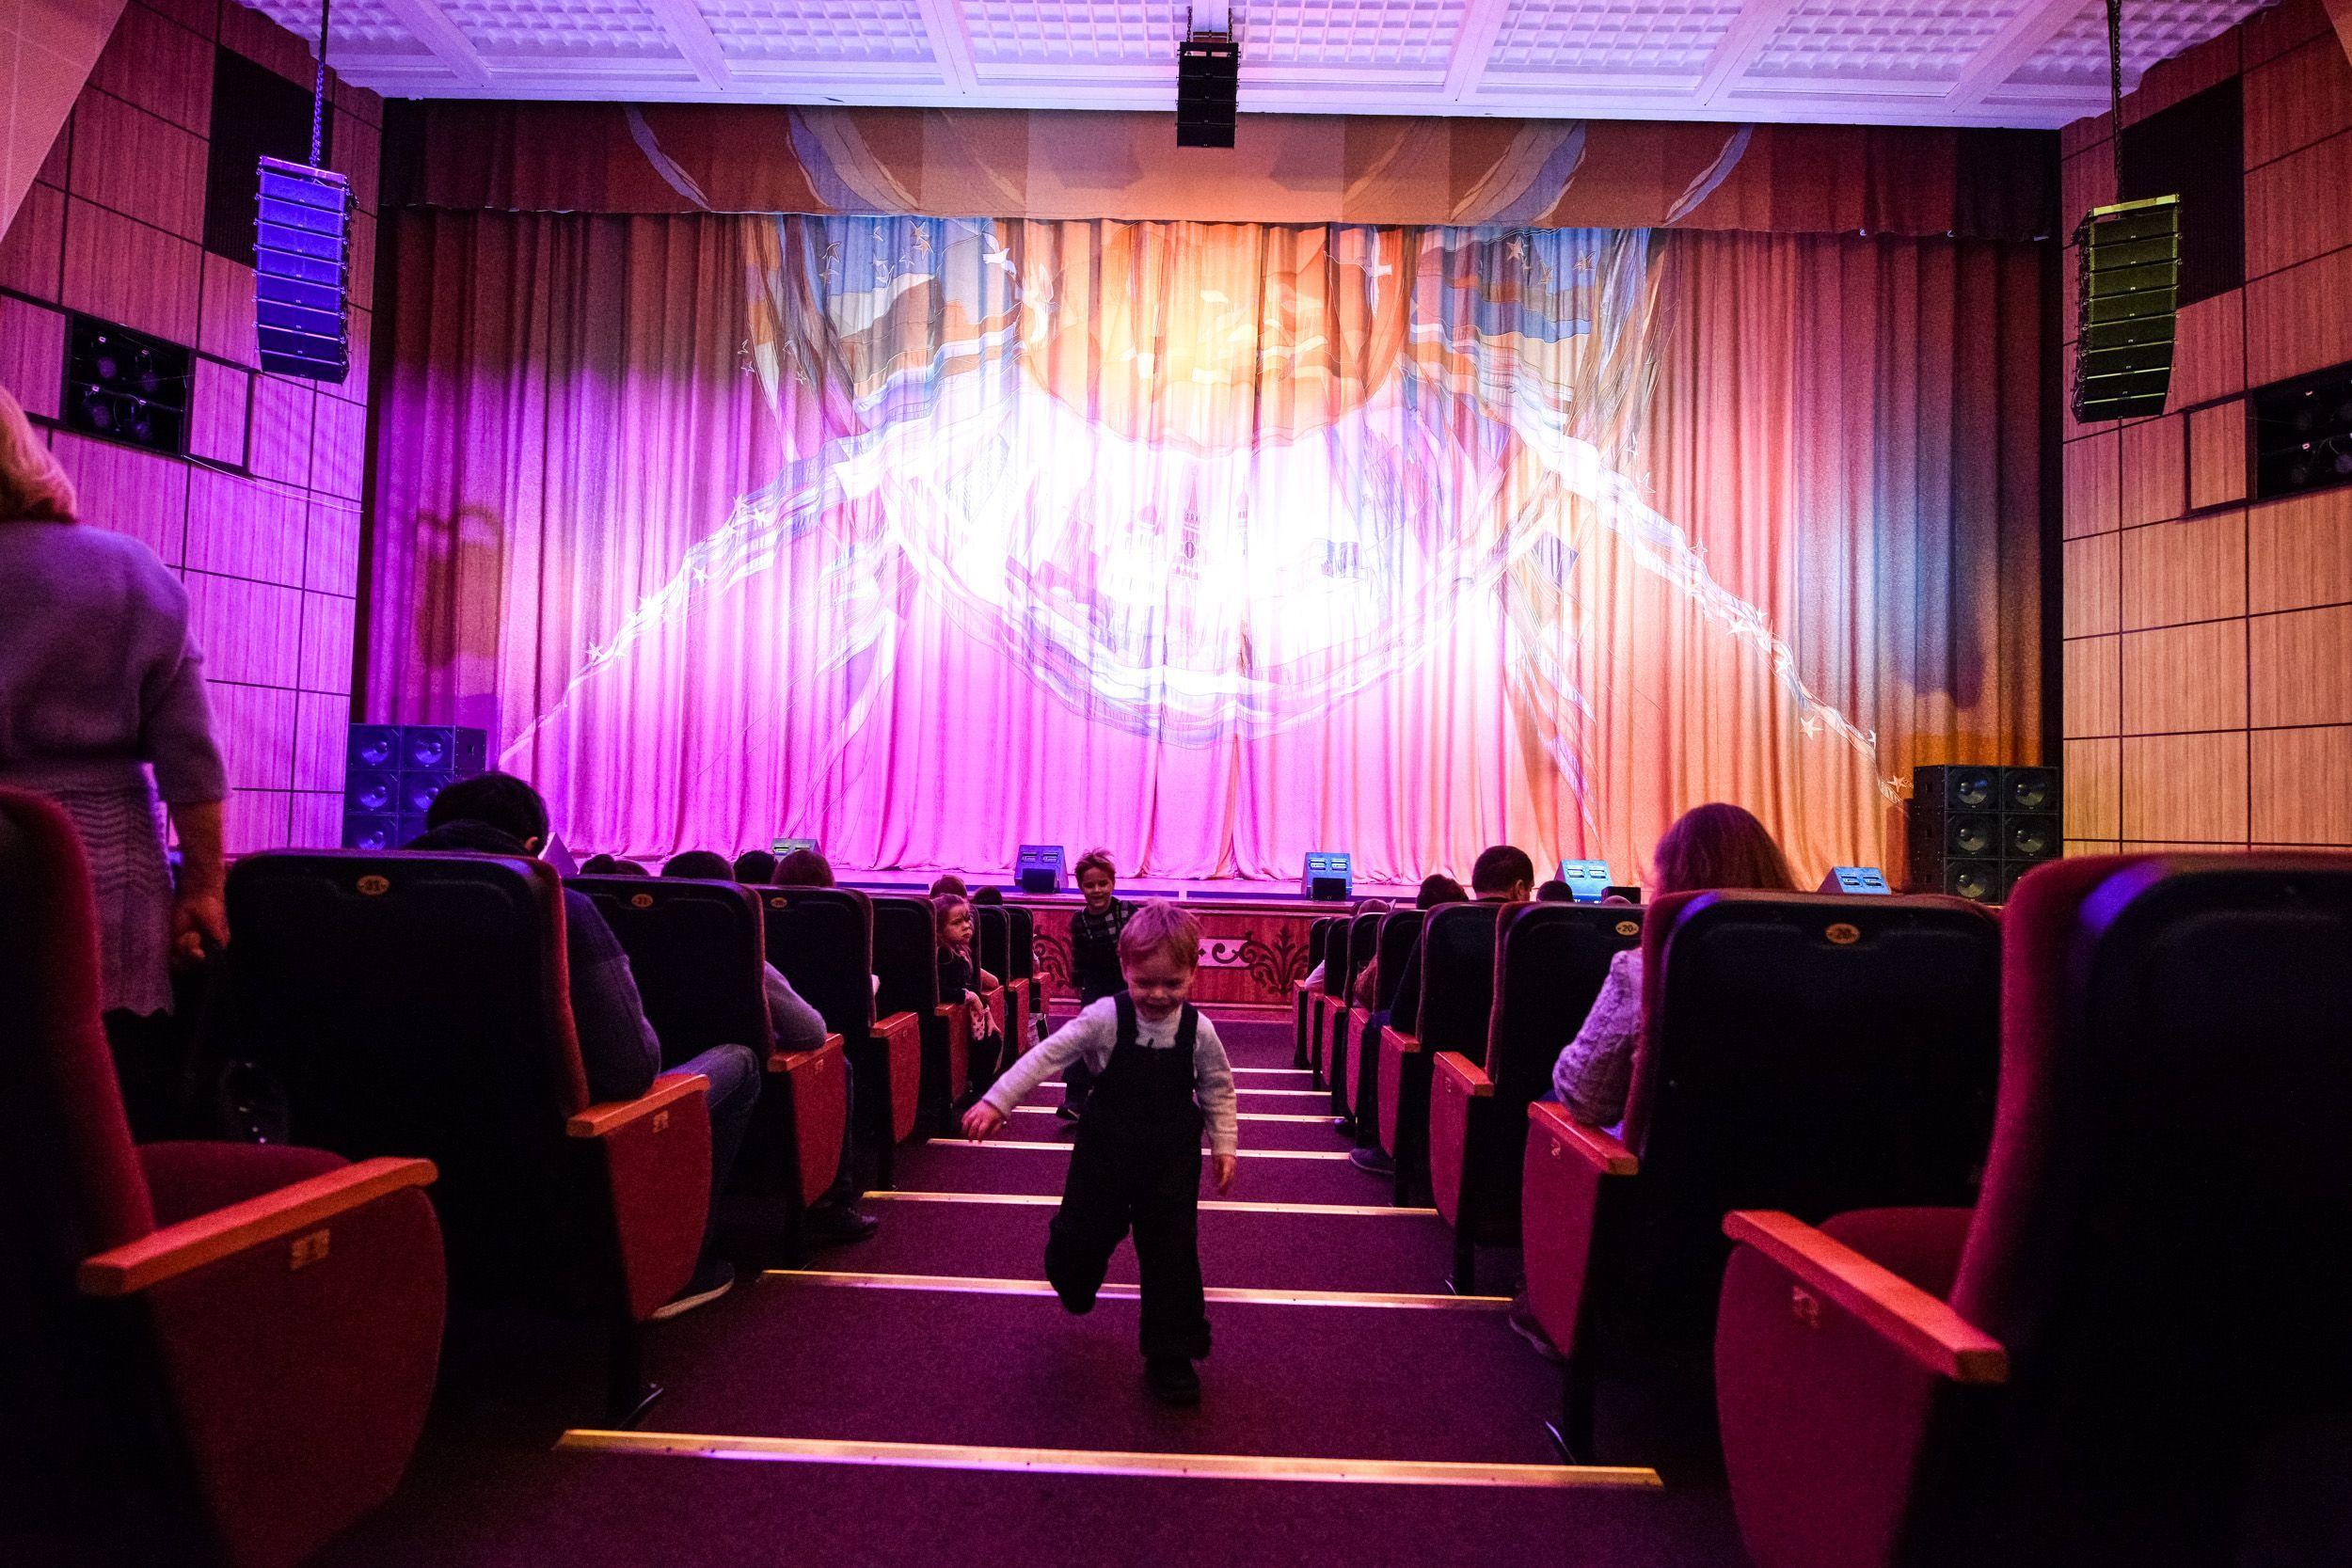 Развлекательное мероприятие «Энерджайзер» проведут для детей в Первомайском. Фото: Ирина Хлебникова, «Вечерняя Москва»